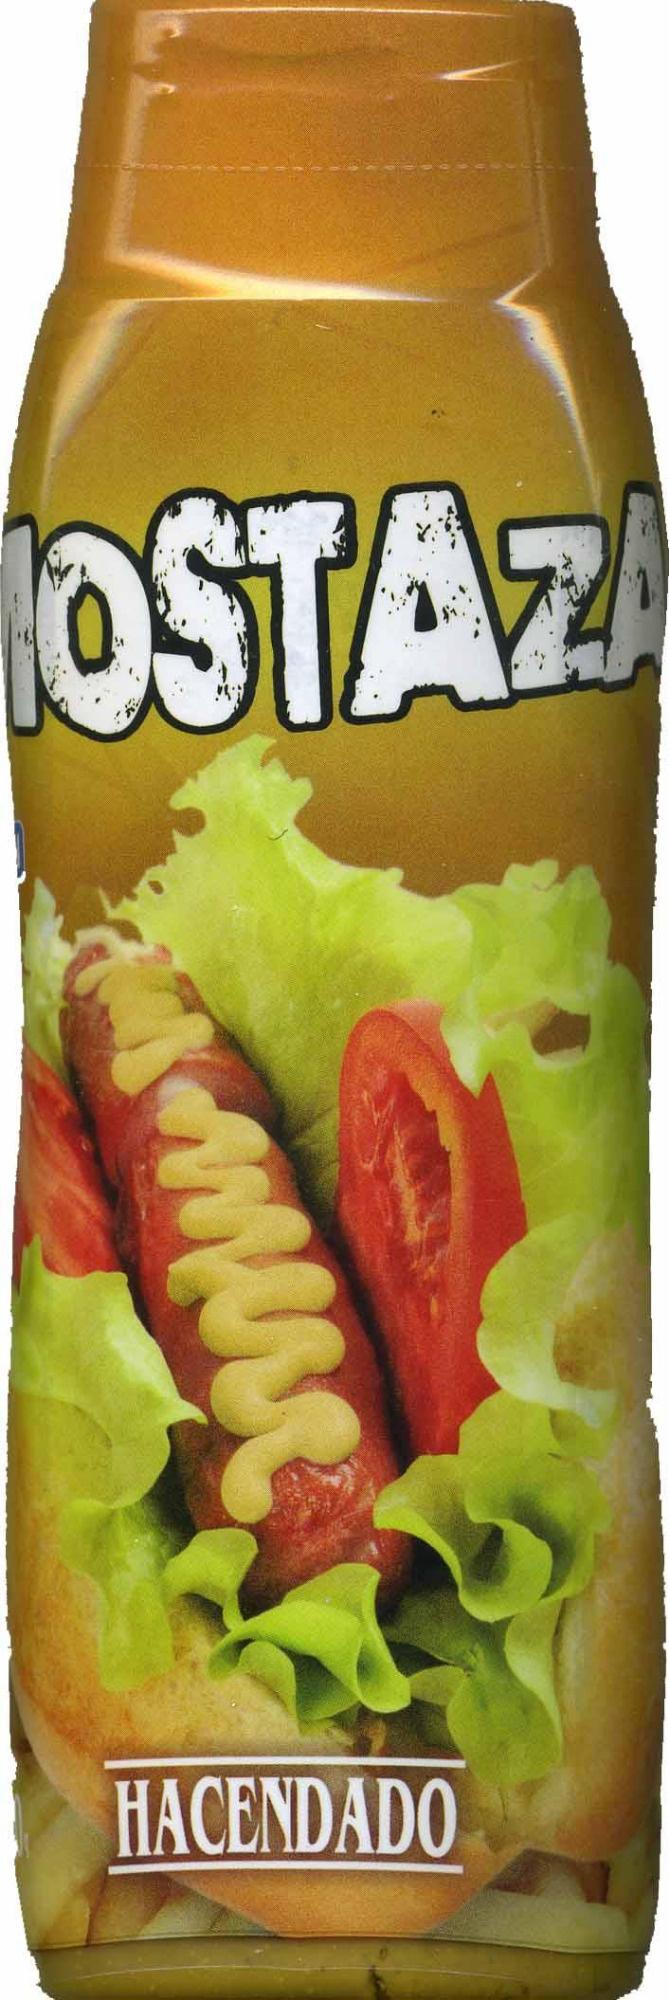 Salsa de mostaza - Producto